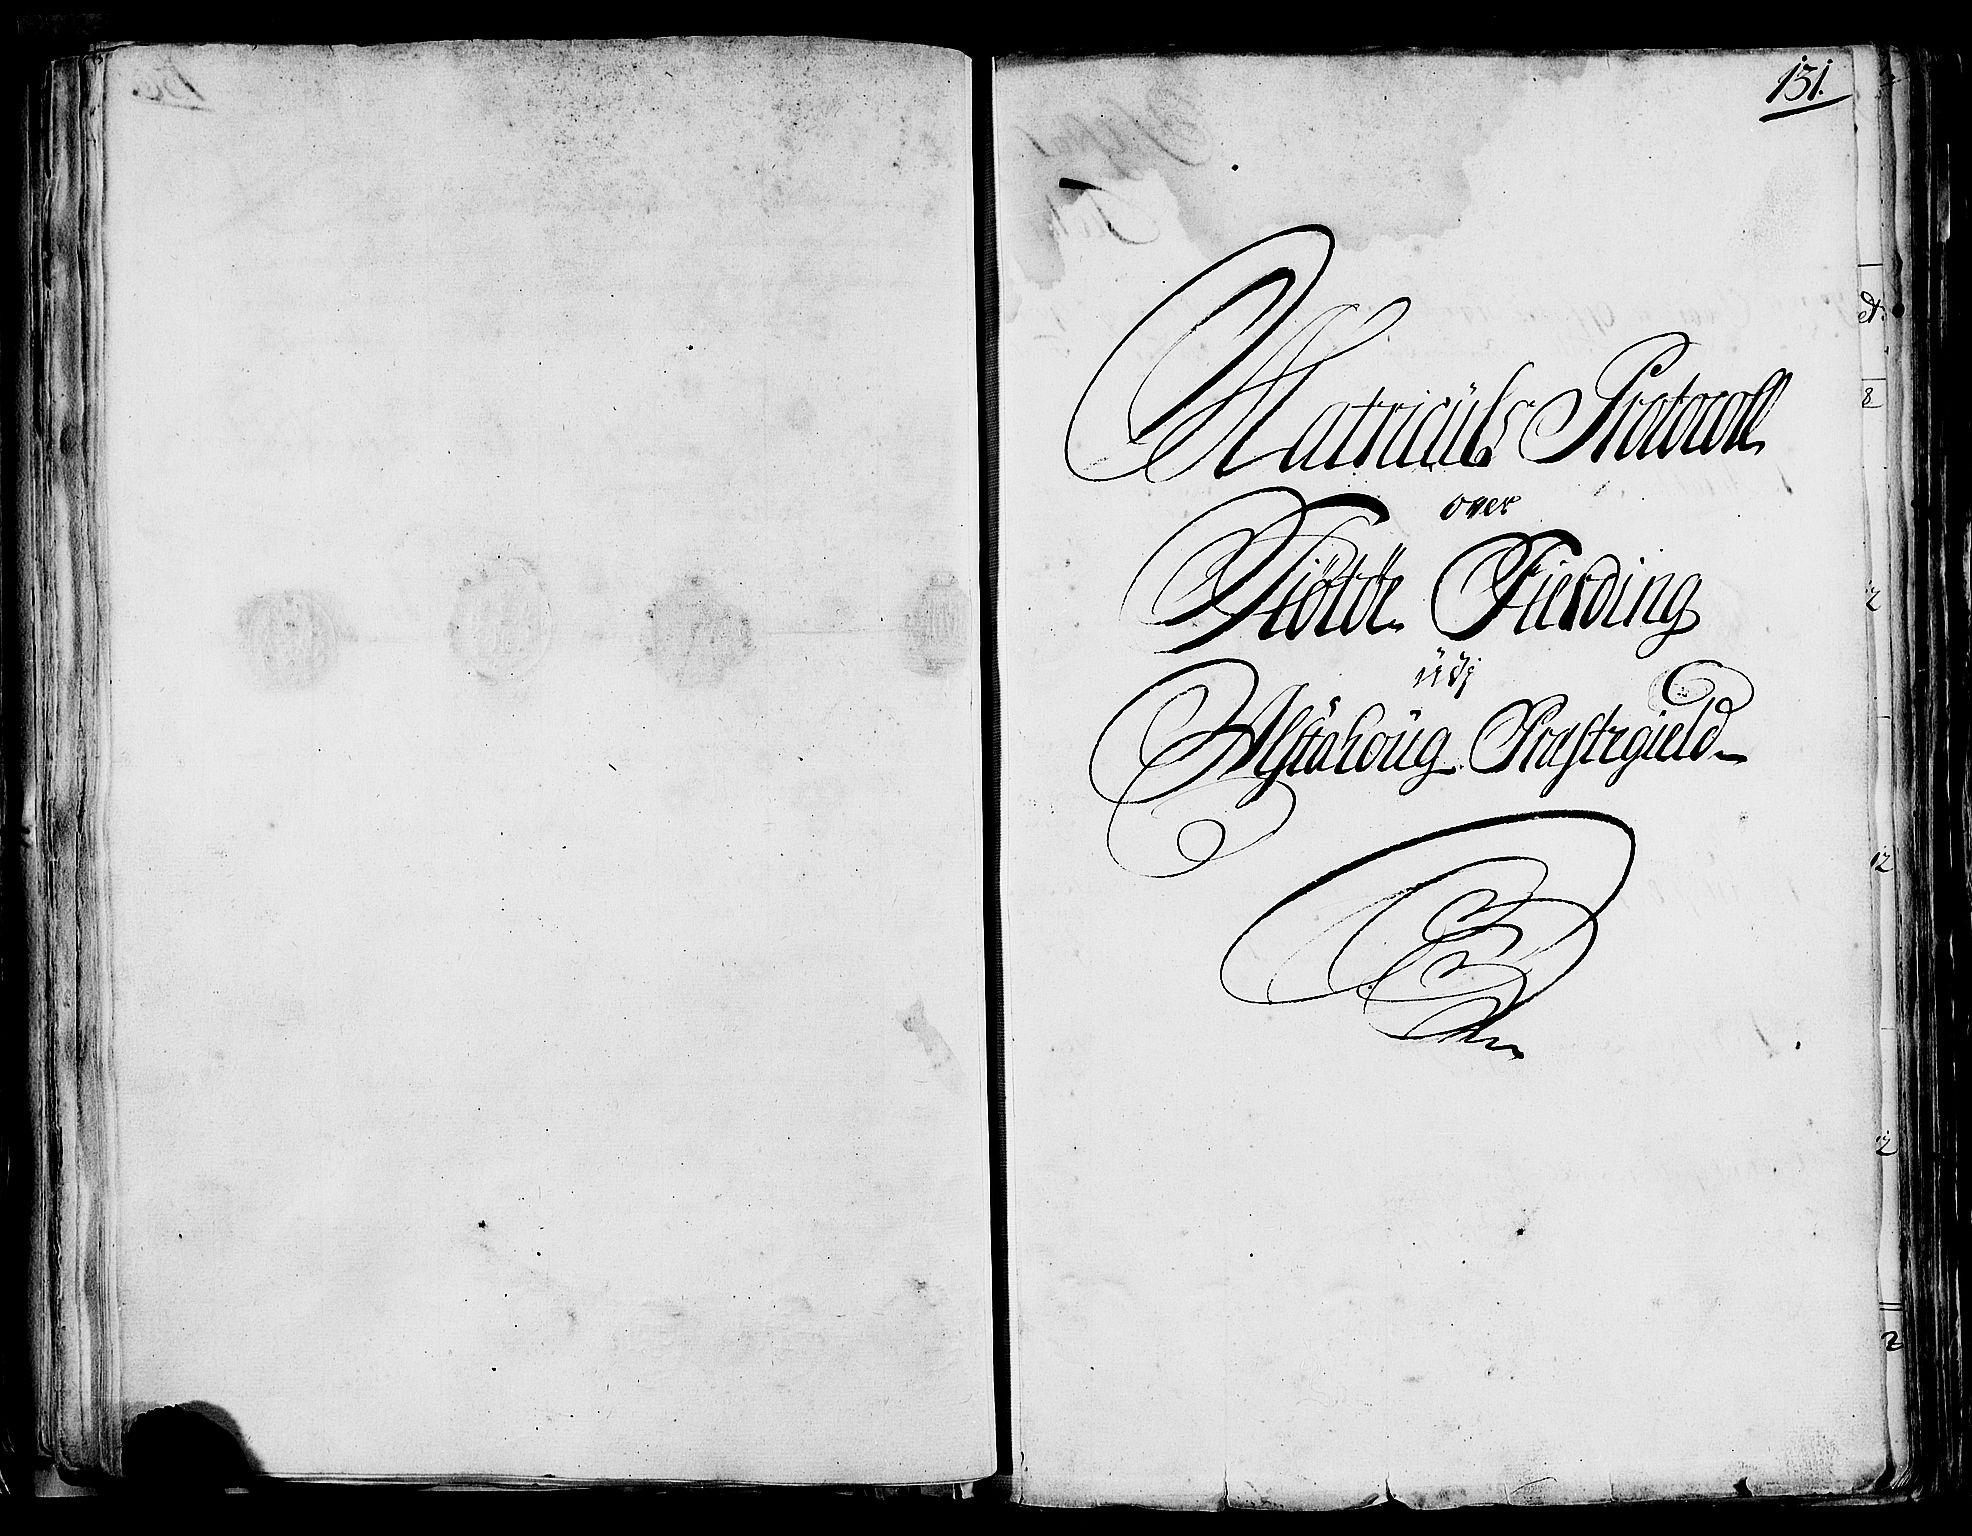 RA, Rentekammeret inntil 1814, Realistisk ordnet avdeling, N/Nb/Nbf/L0170: Helgeland eksaminasjonsprotokoll, 1723, s. 130b-131a